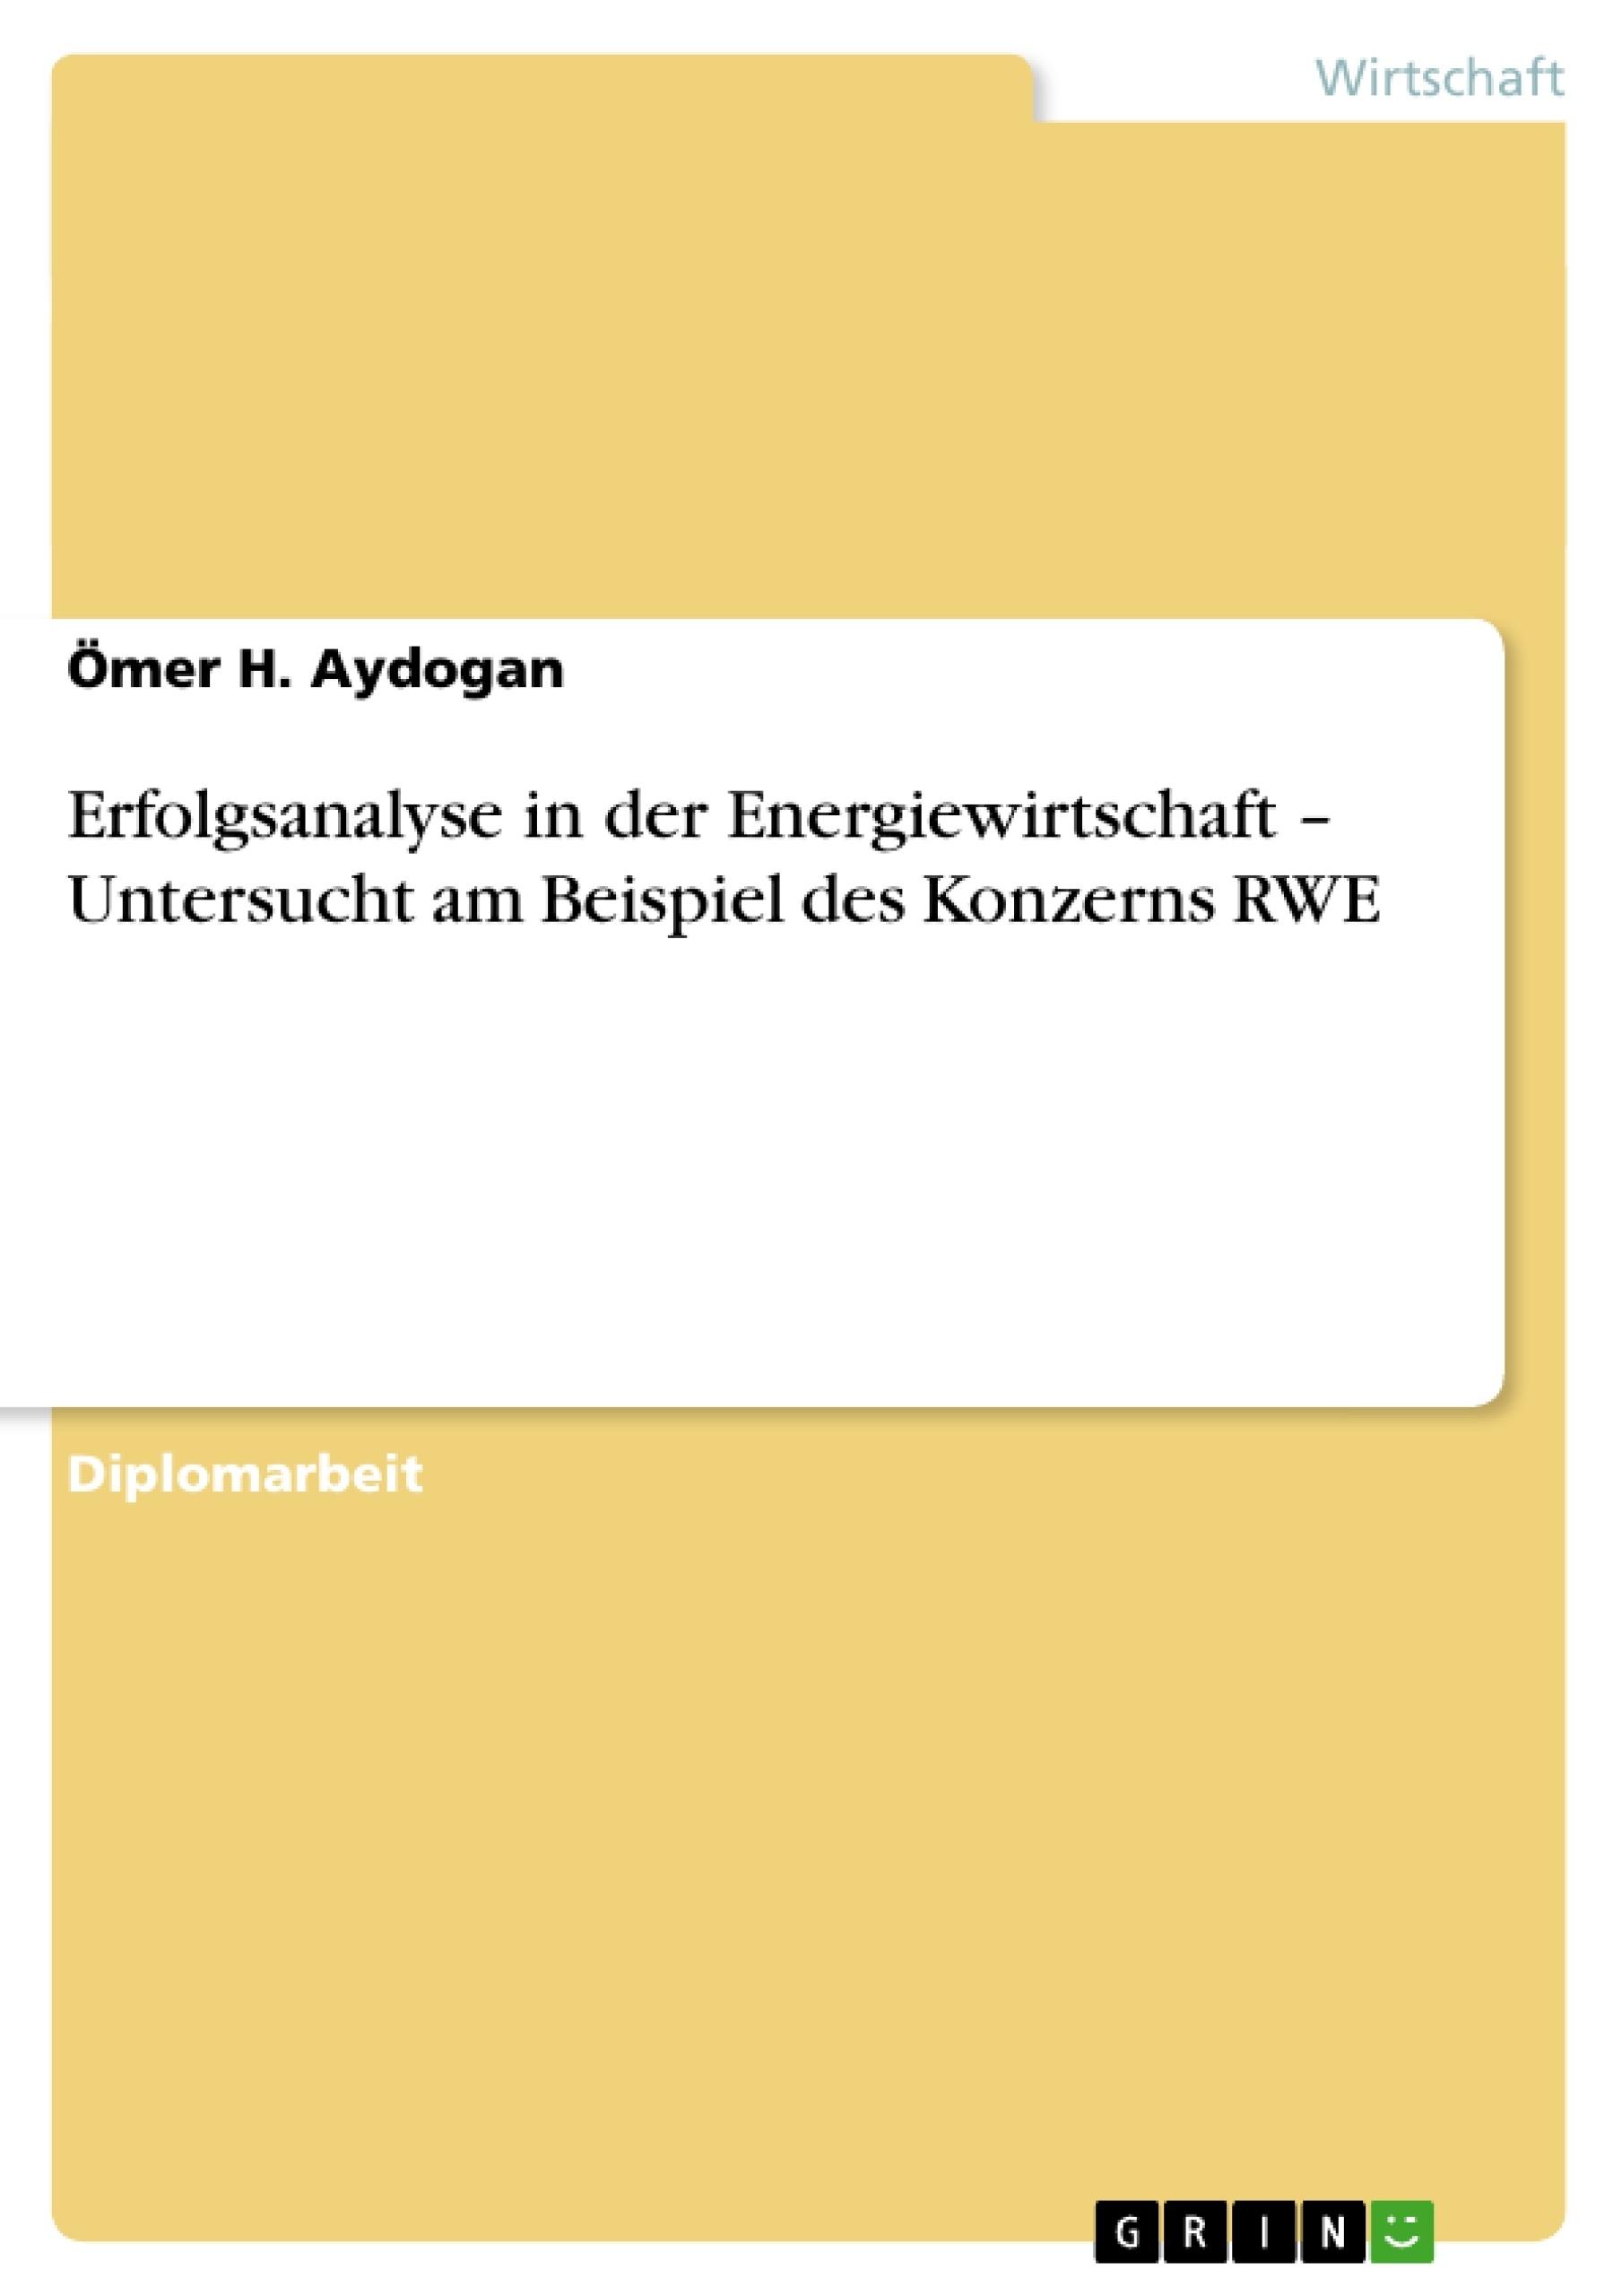 Titel: Erfolgsanalyse in der Energiewirtschaft – Untersucht am Beispiel des Konzerns RWE